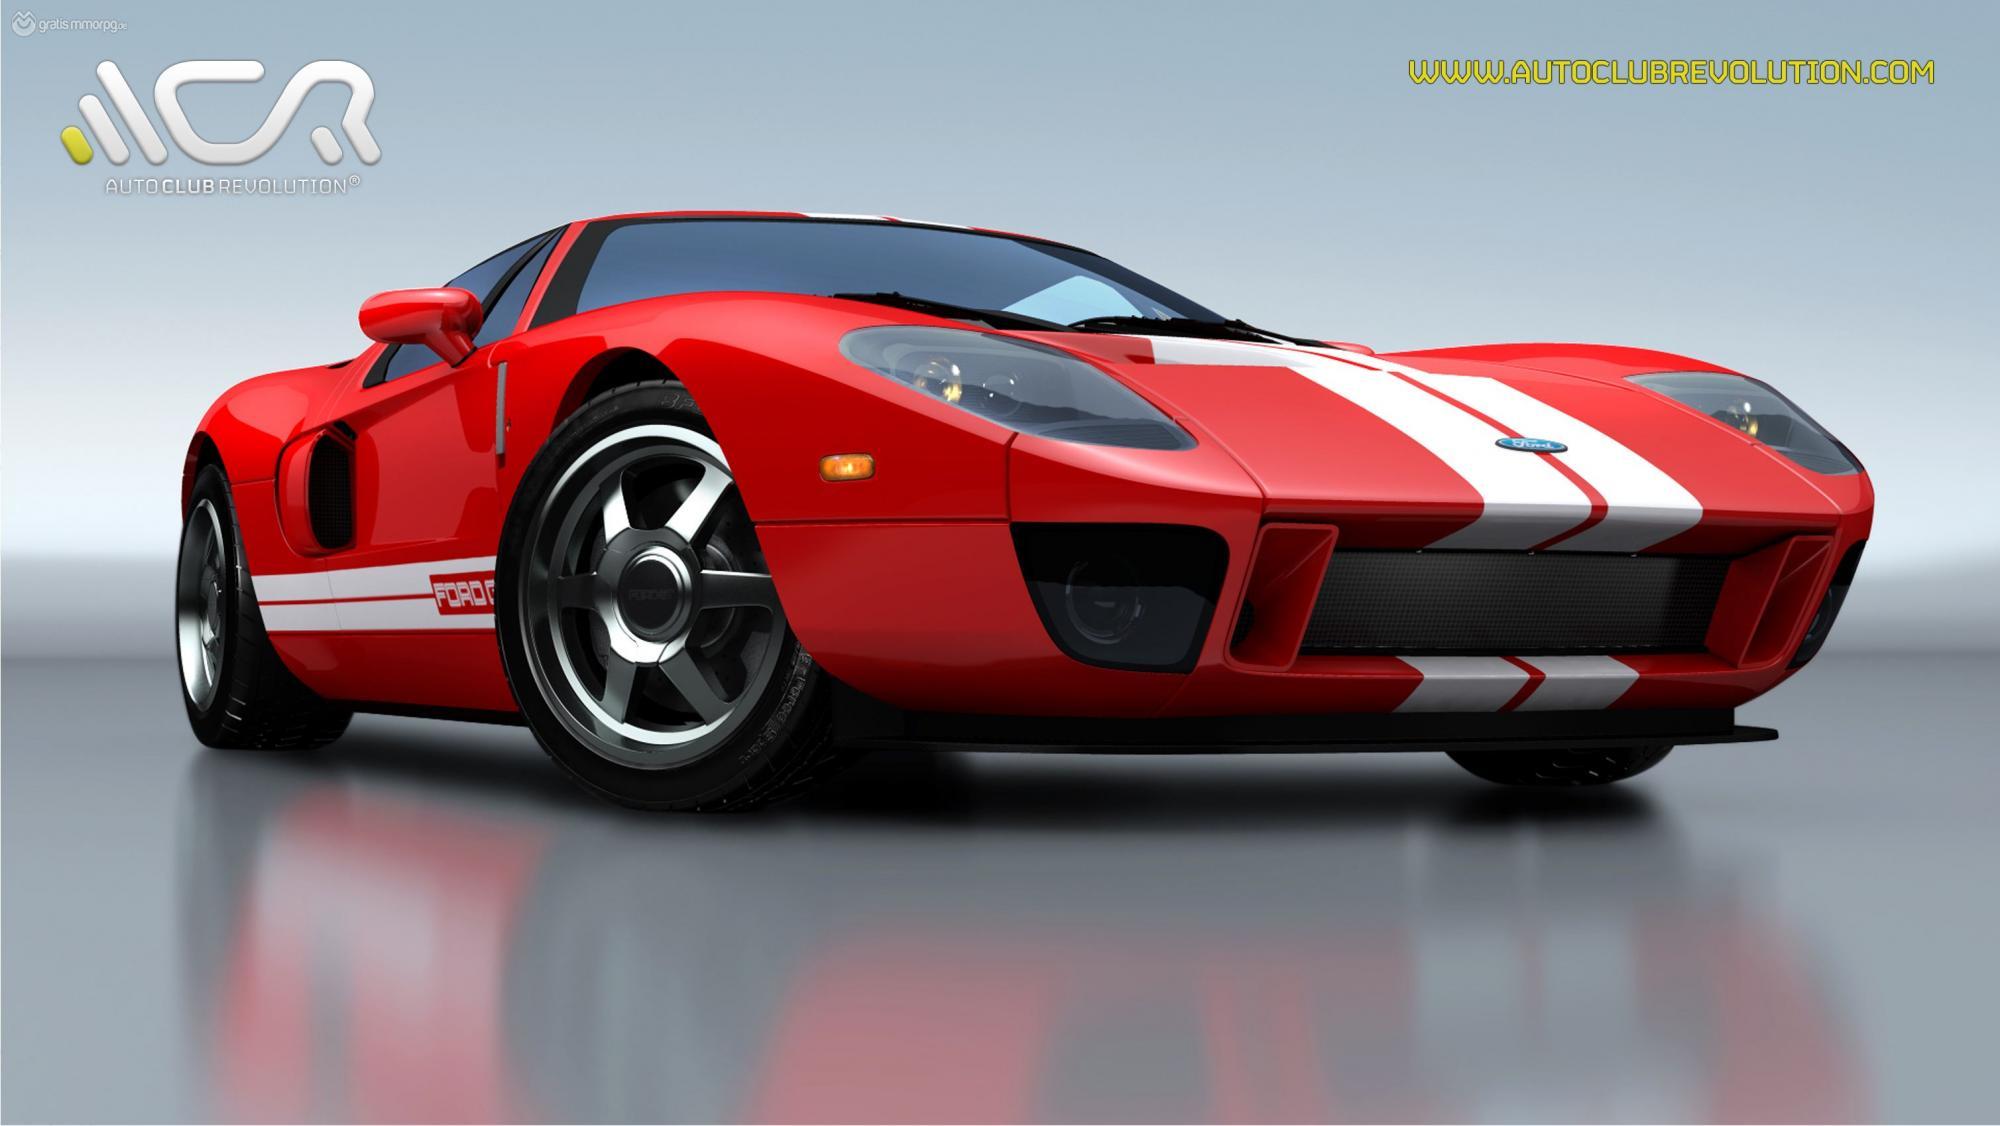 Klicke auf die Grafik für eine größere AnsichtName:ACR - Ford GT.jpgHits:63Größe:136,1 KBID:5856